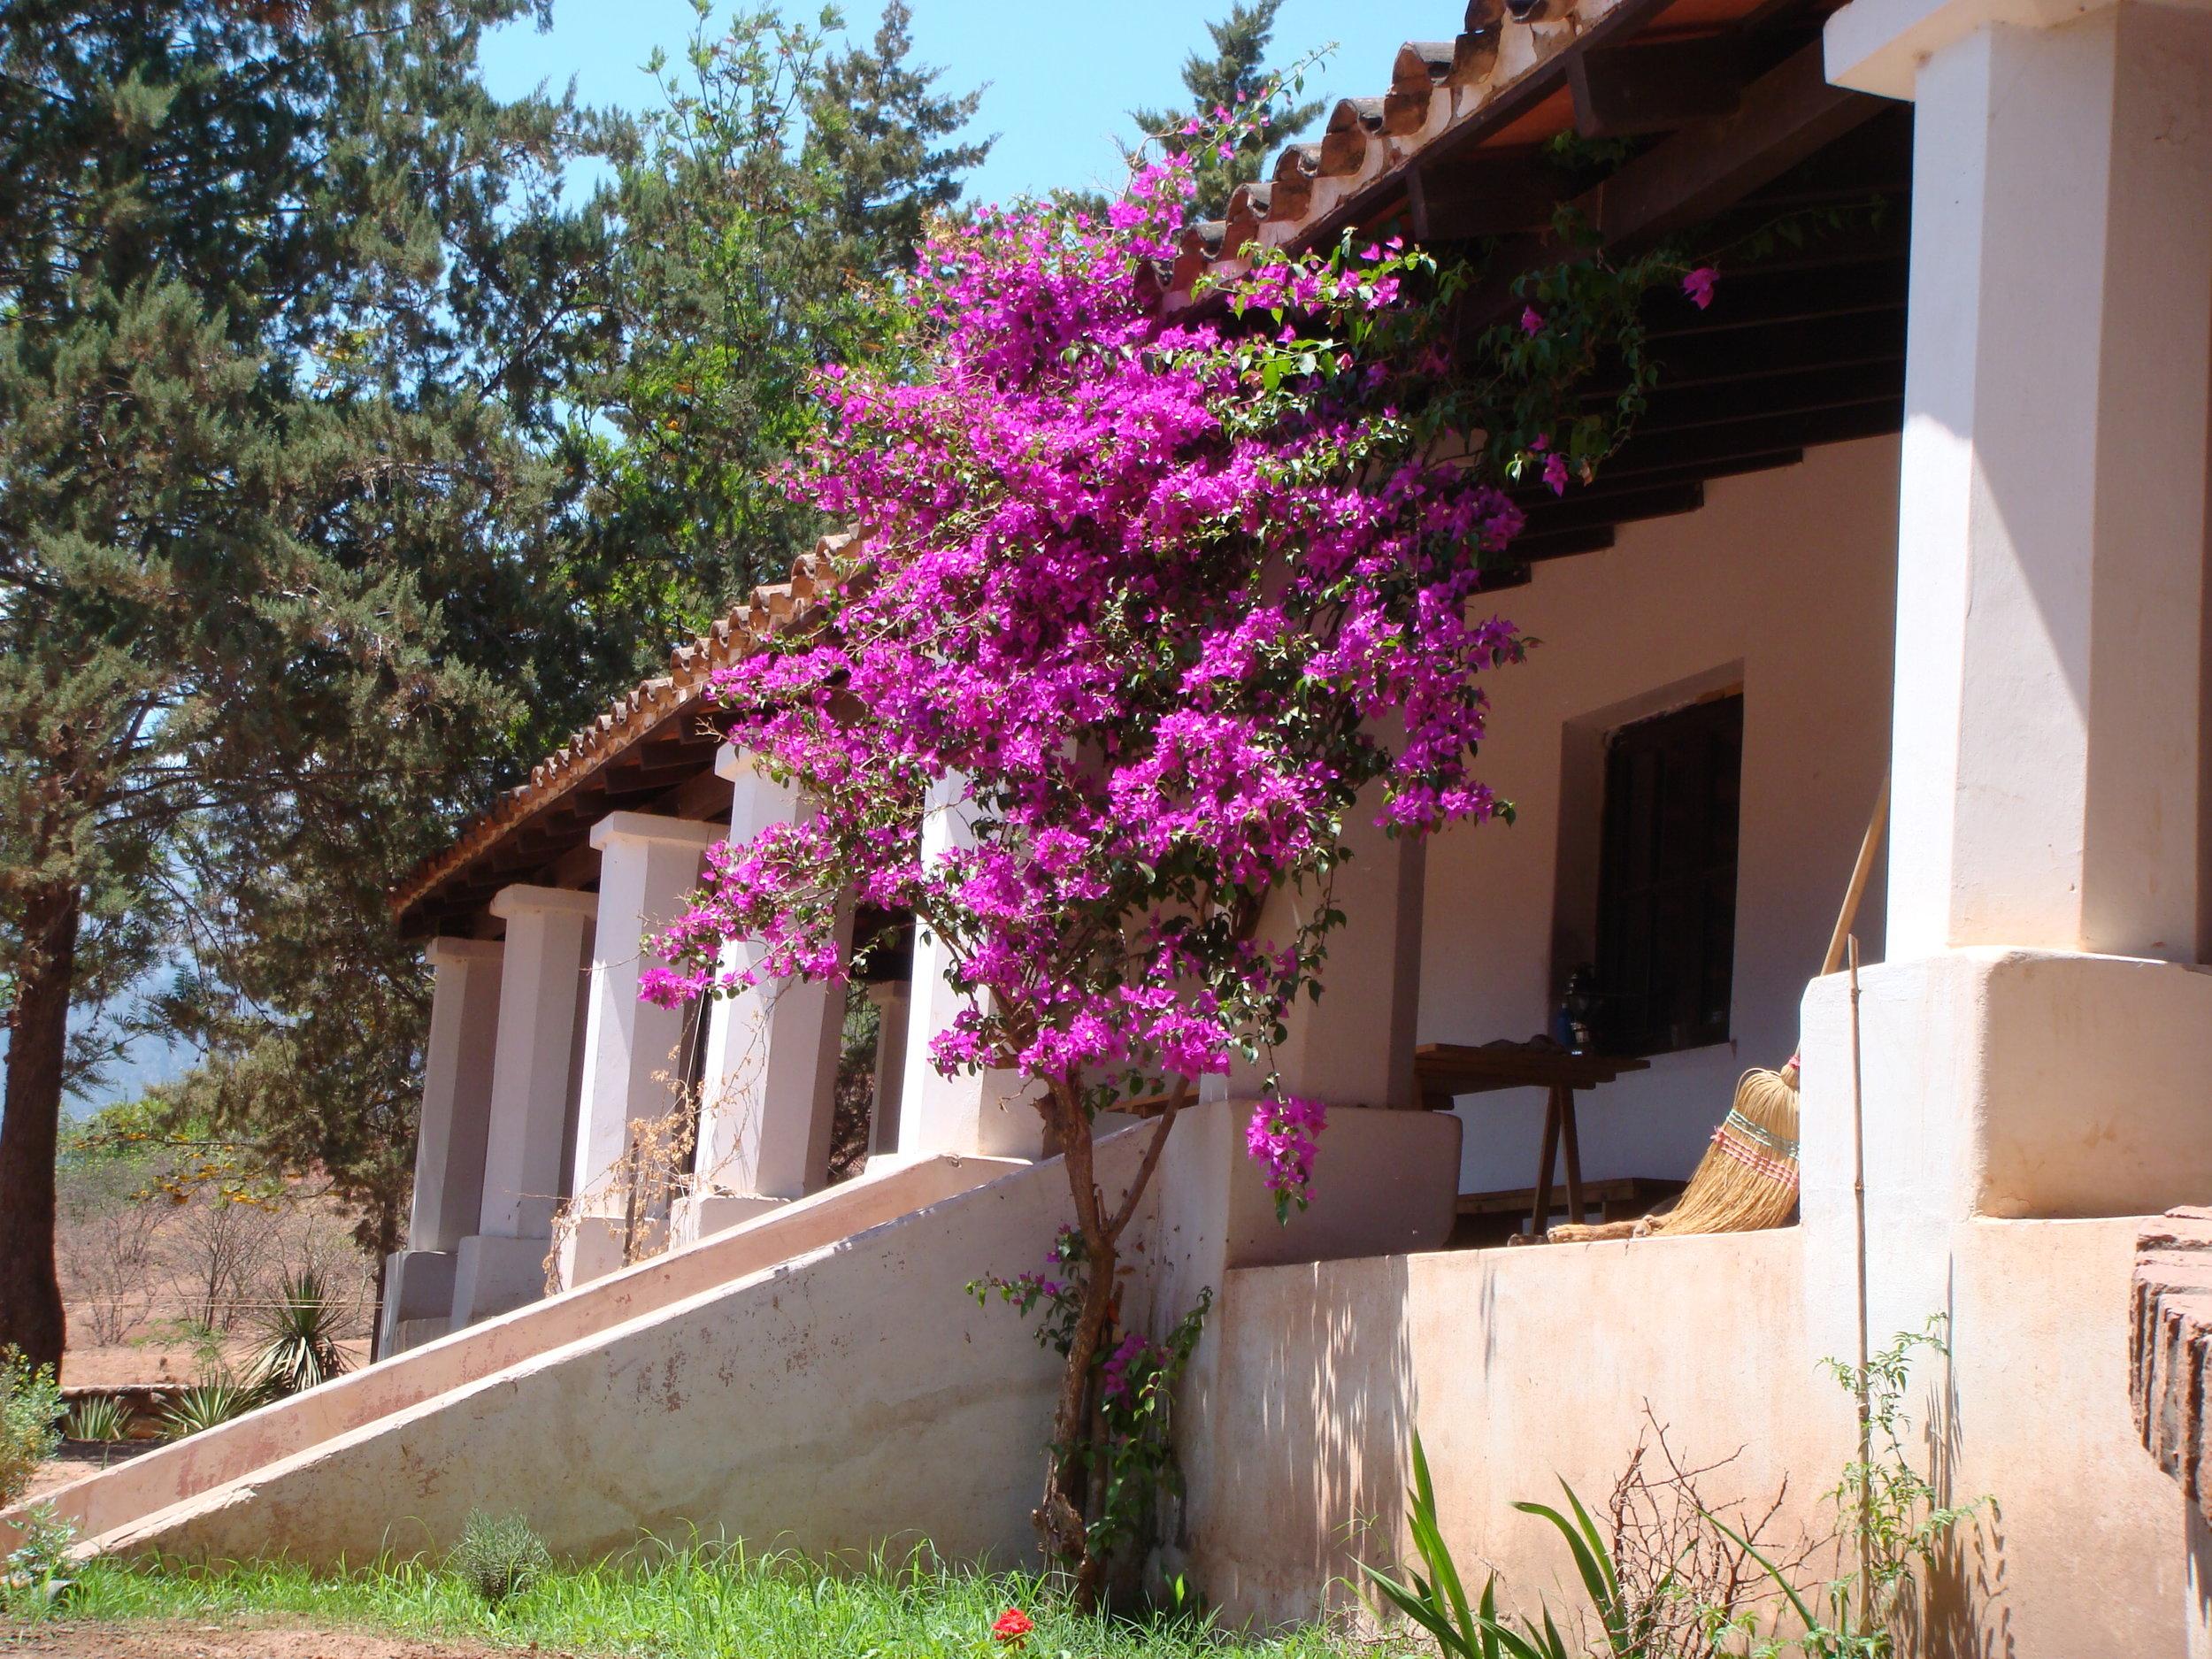 Colonial House Boganvillia - Copy - Copy - Copy - Copy - Copy - Copy.jpg